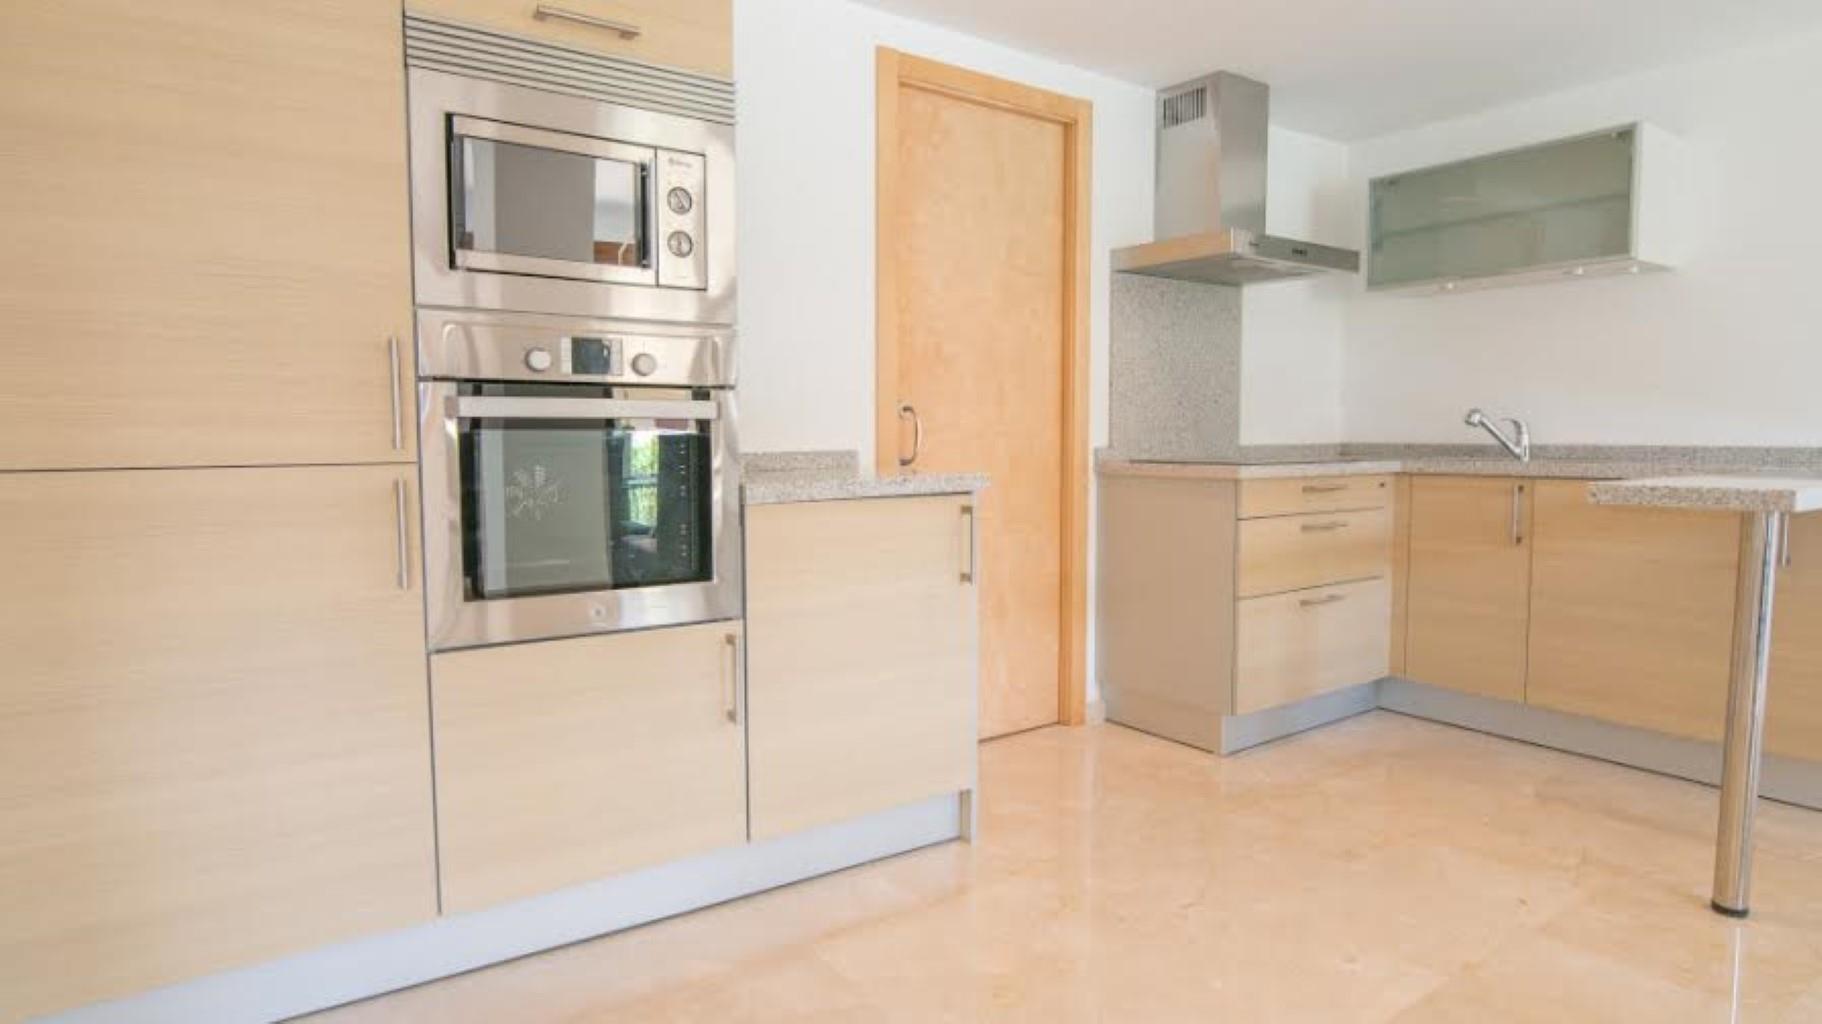 Appartement - Benissa - #2183138-9